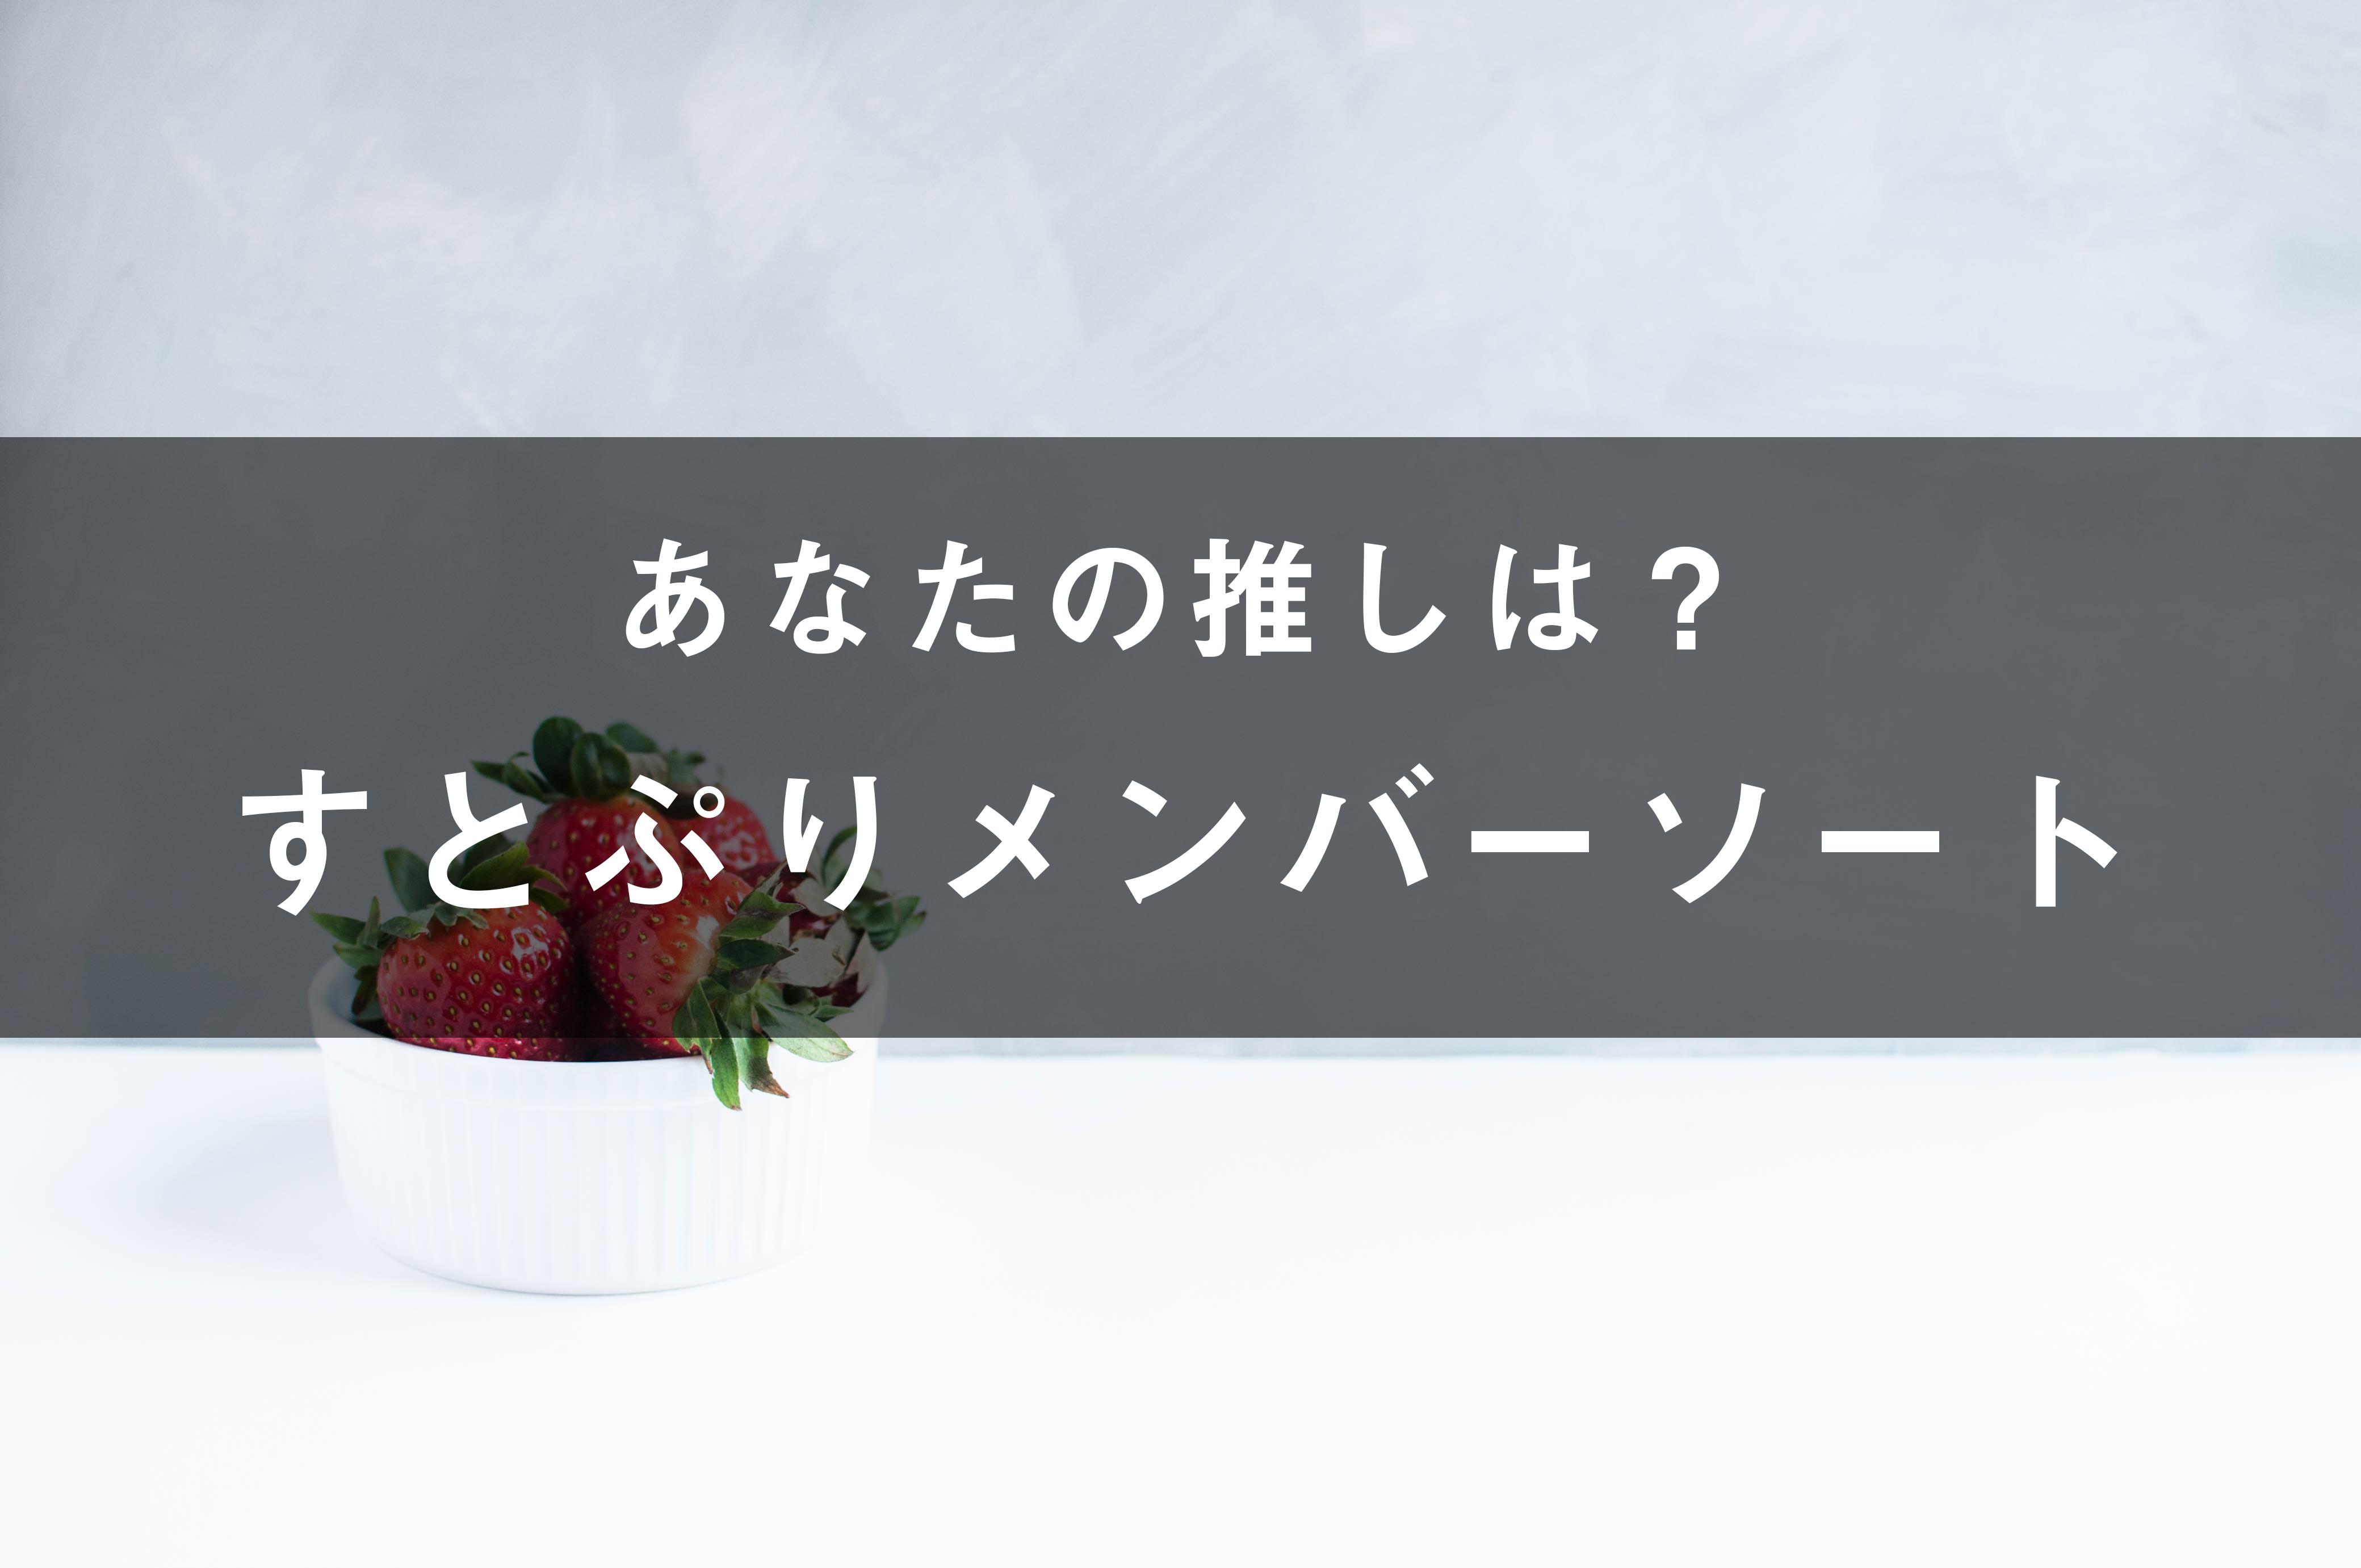 「すとぷり」のメンバーソート(画像付き)